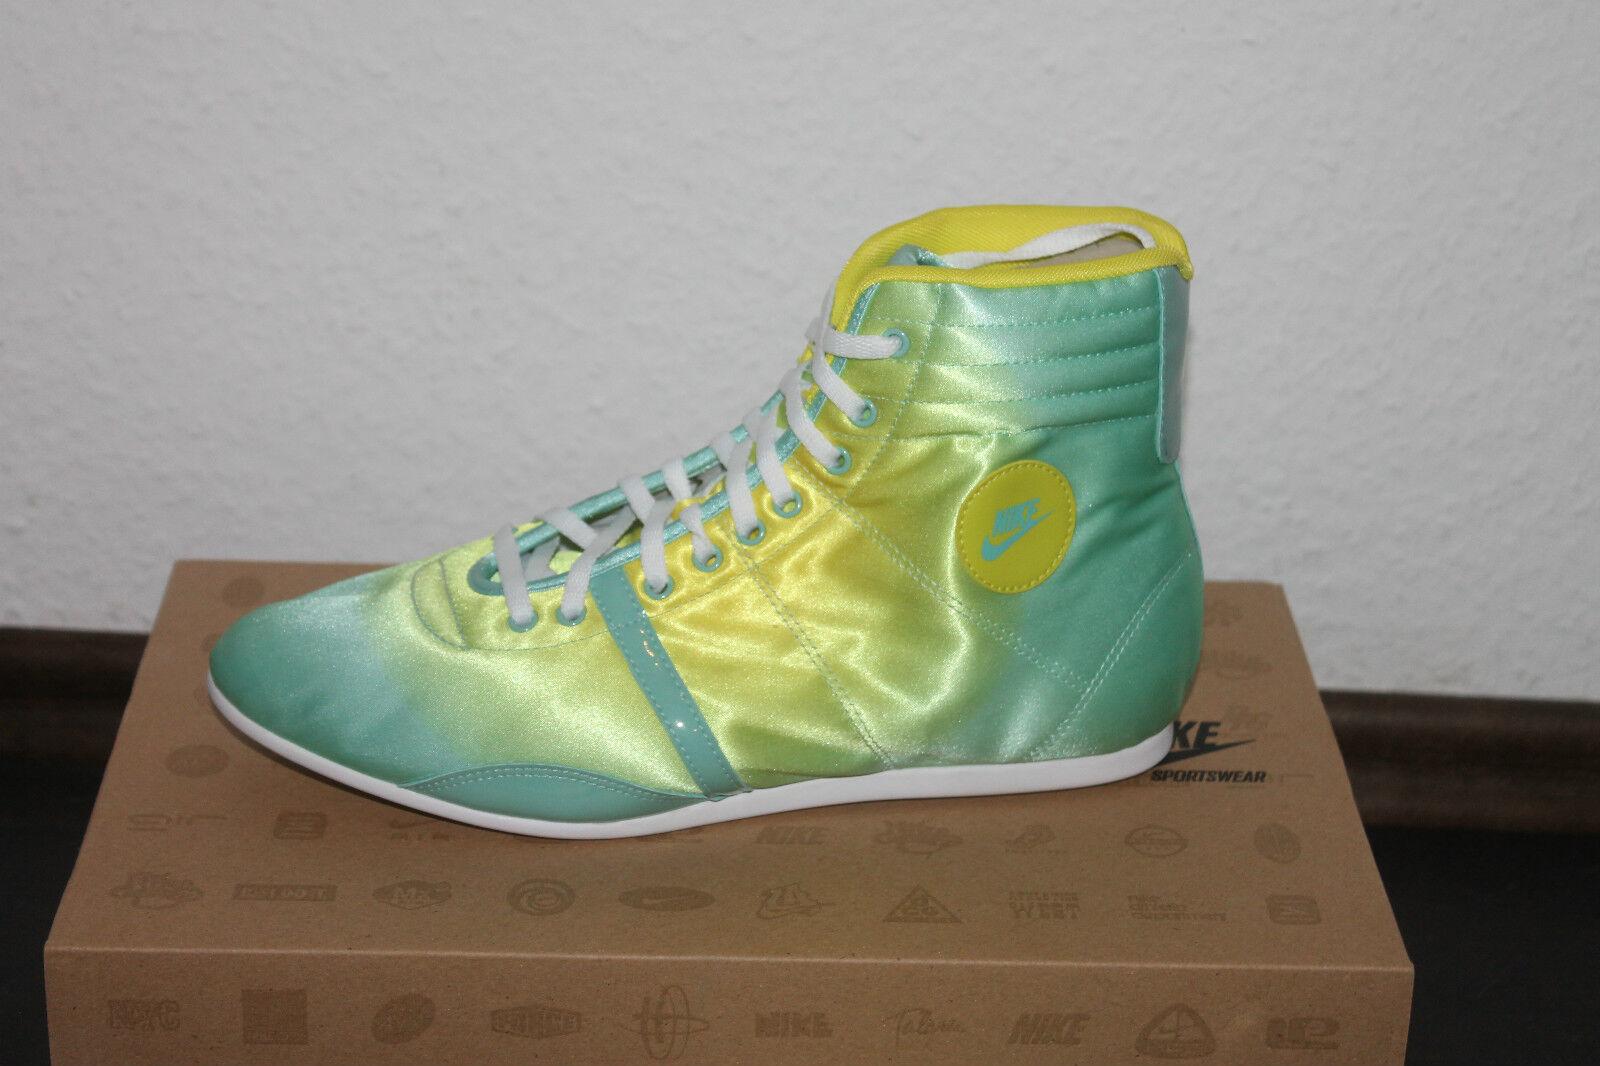 Nike Wmns Wmns Wmns Hijack Mid Mujer Zapatilla Deportiva Retro todas tallas Amarillo verde  Entrega directa y rápida de fábrica